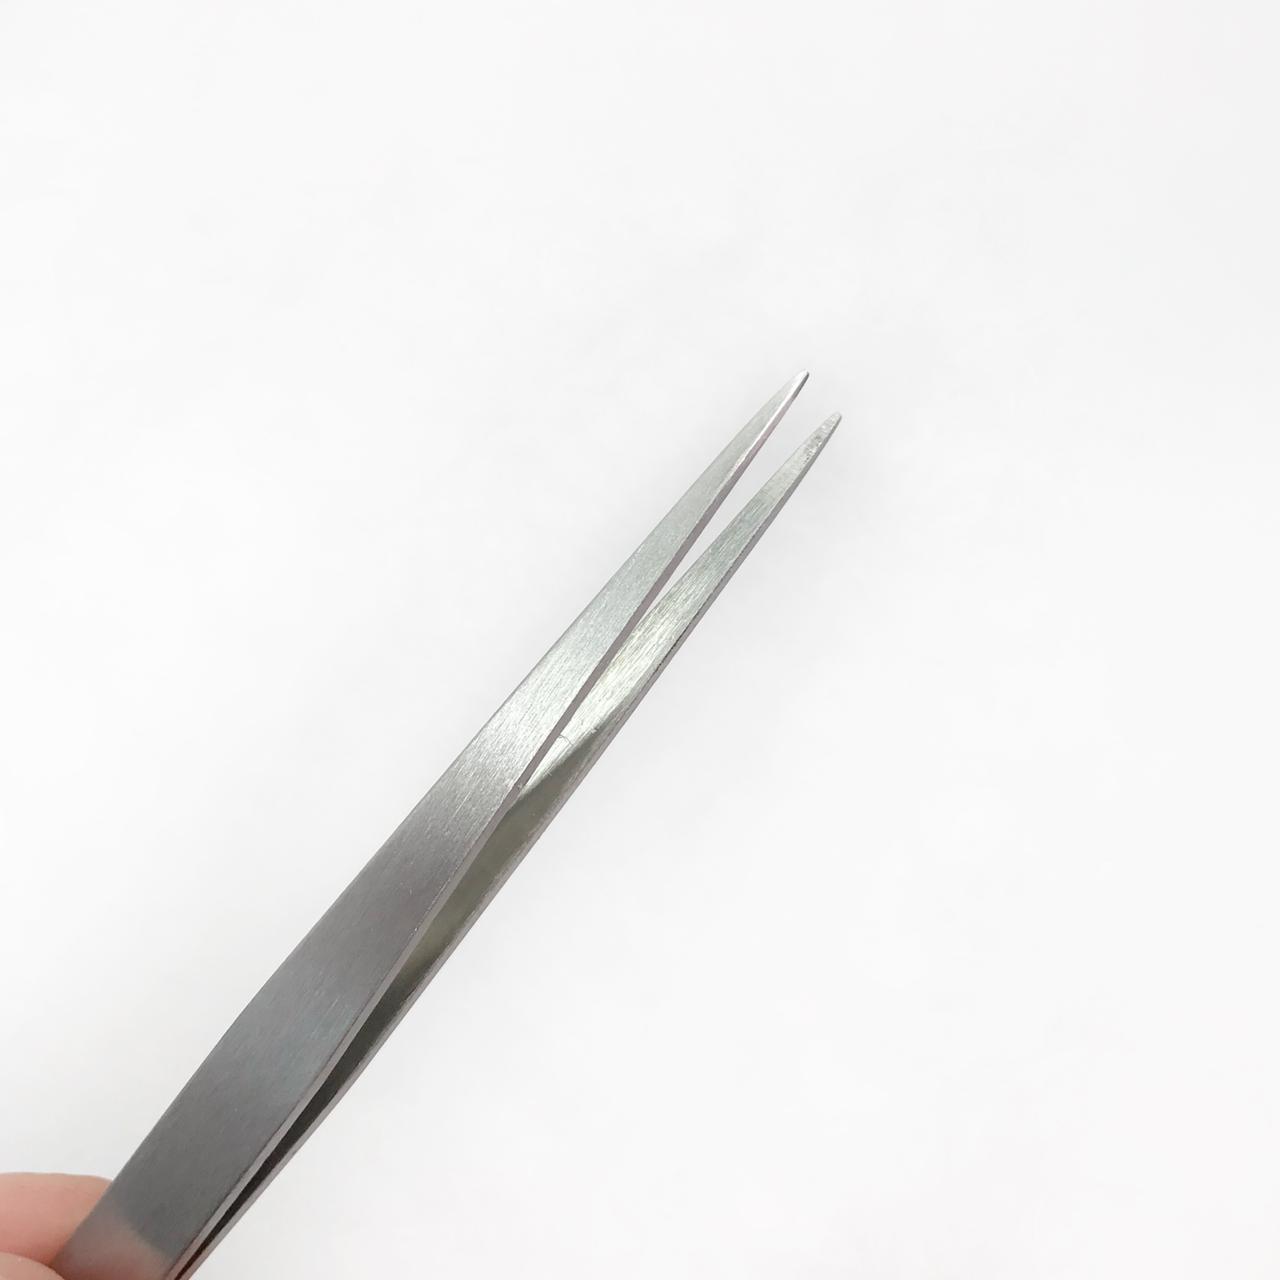 Pinça ponta fina aço inox PT30